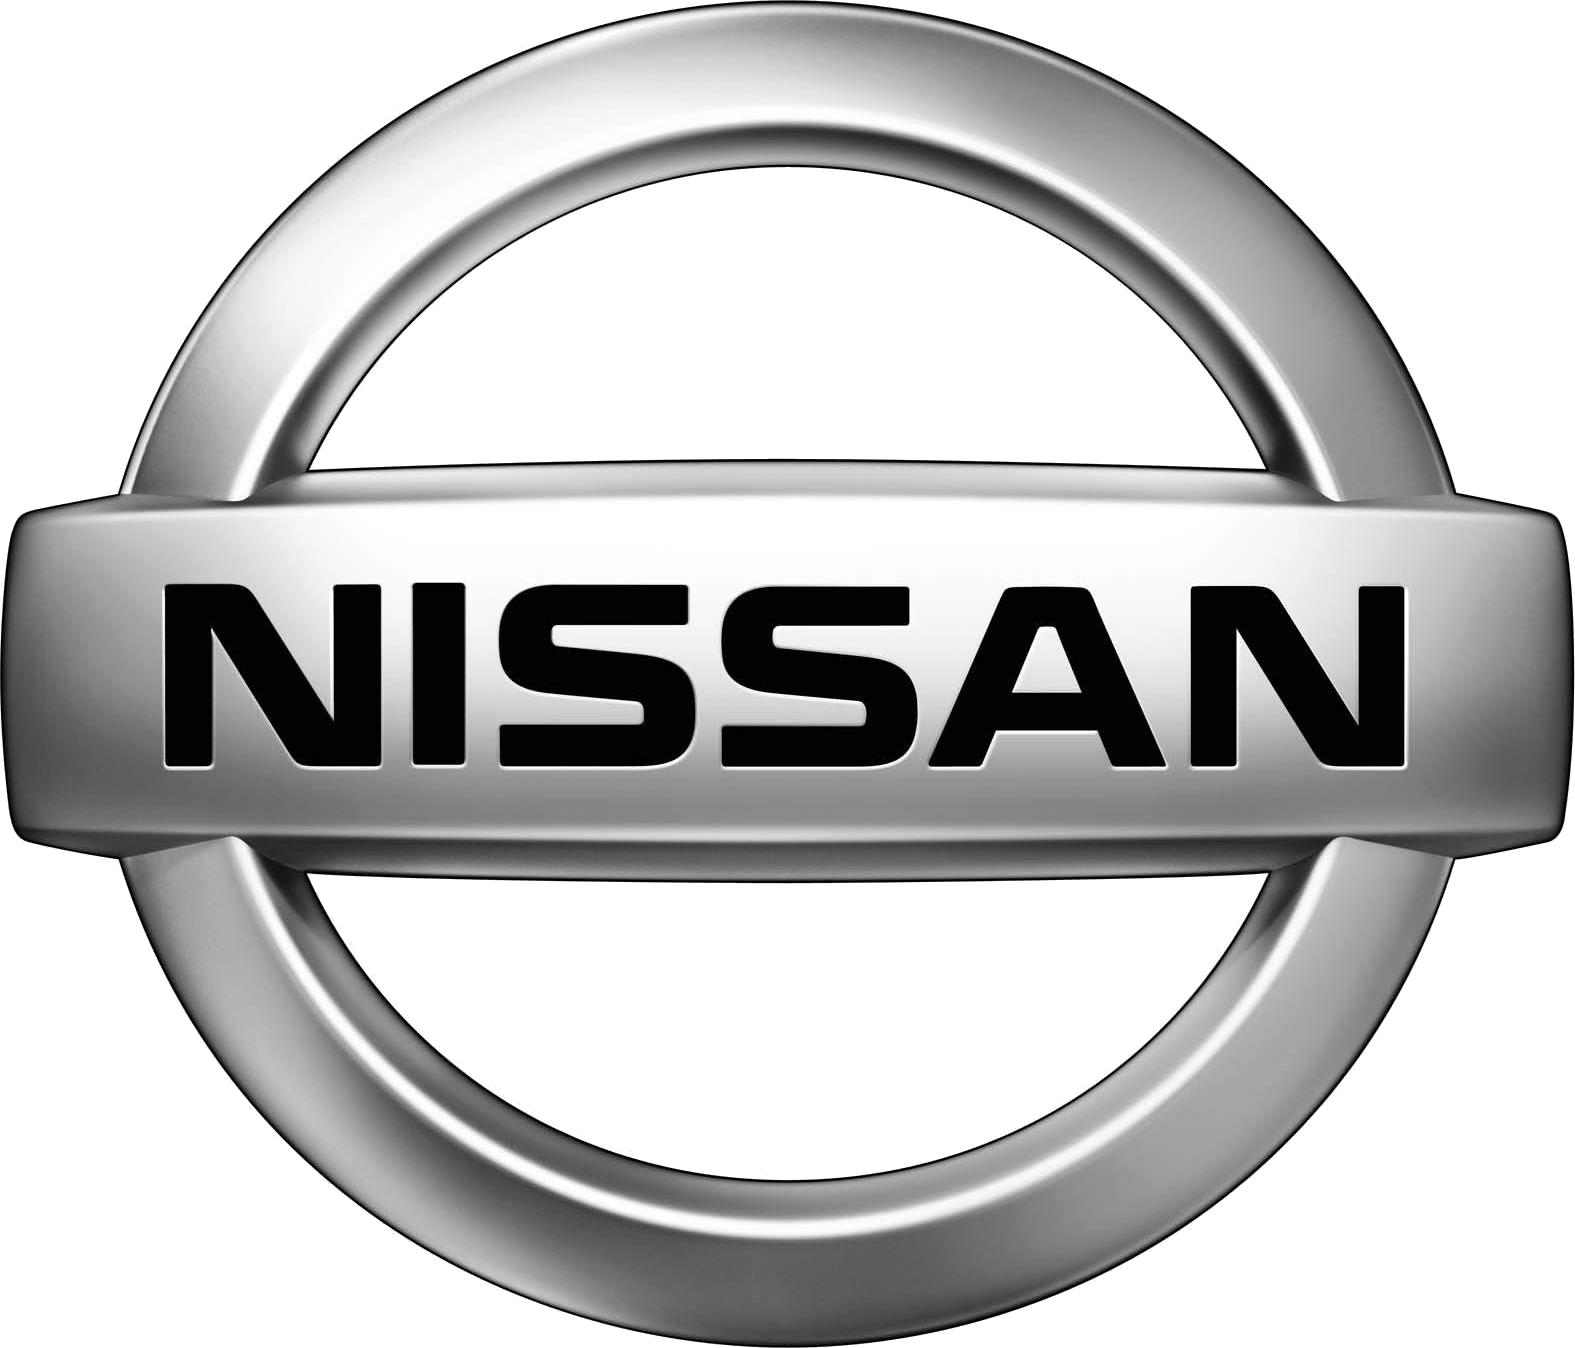 5 Car Brands That Women Love Car Brands News Nissan Logo Car Logos Nissan